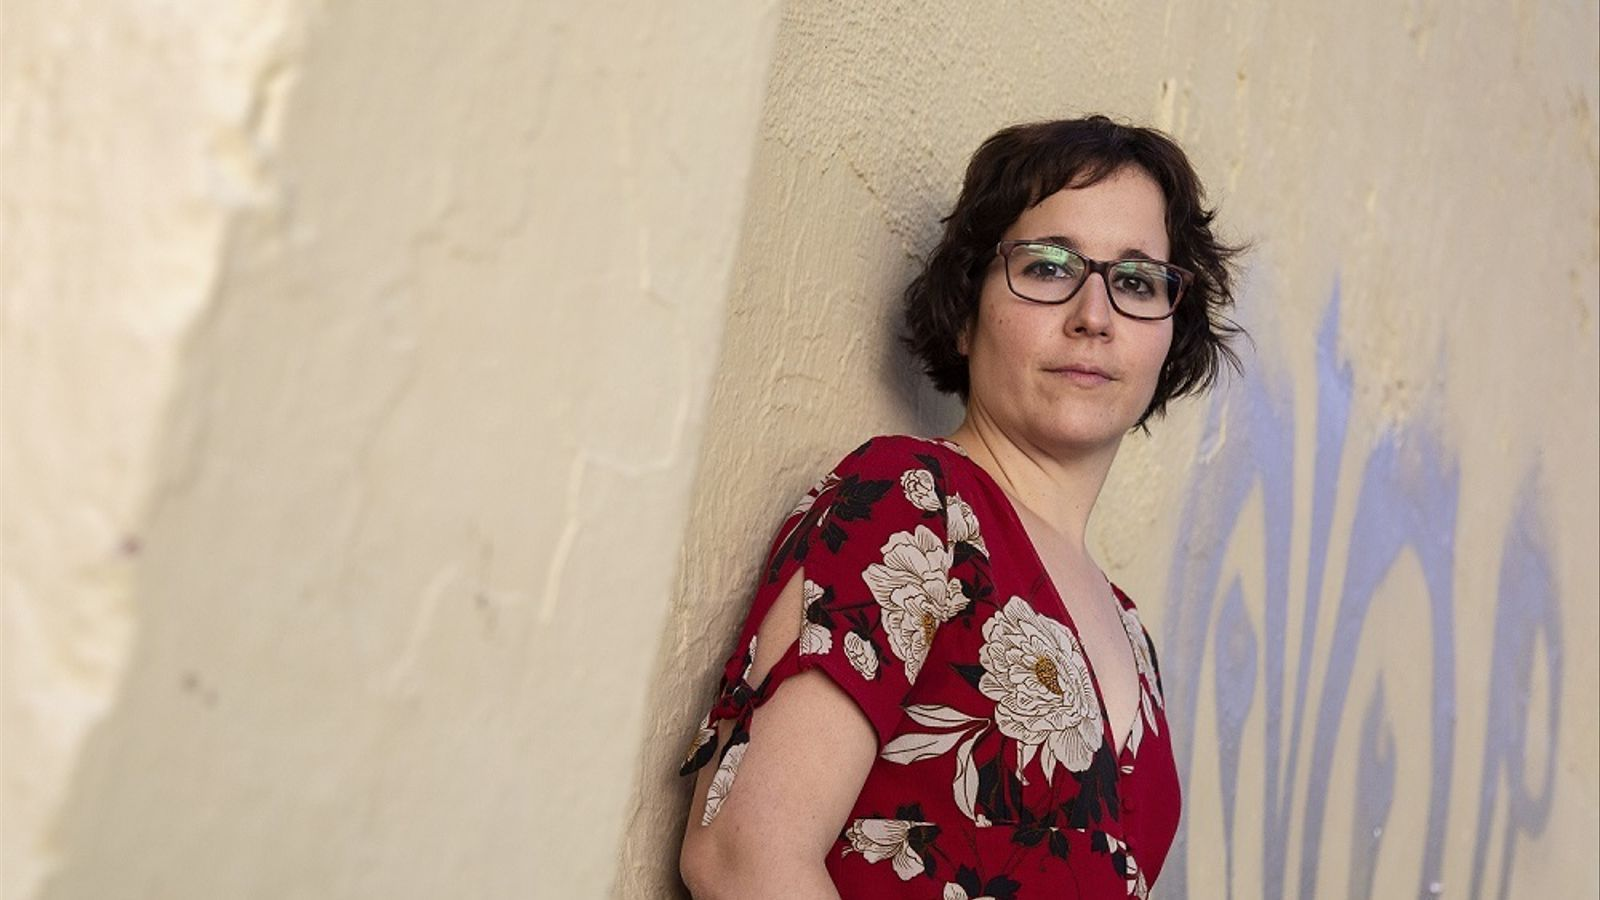 """Inés Campillo: """"El feminismo no debe seguir blandiendo las mismas amenazas que en los años 70 y 80"""""""